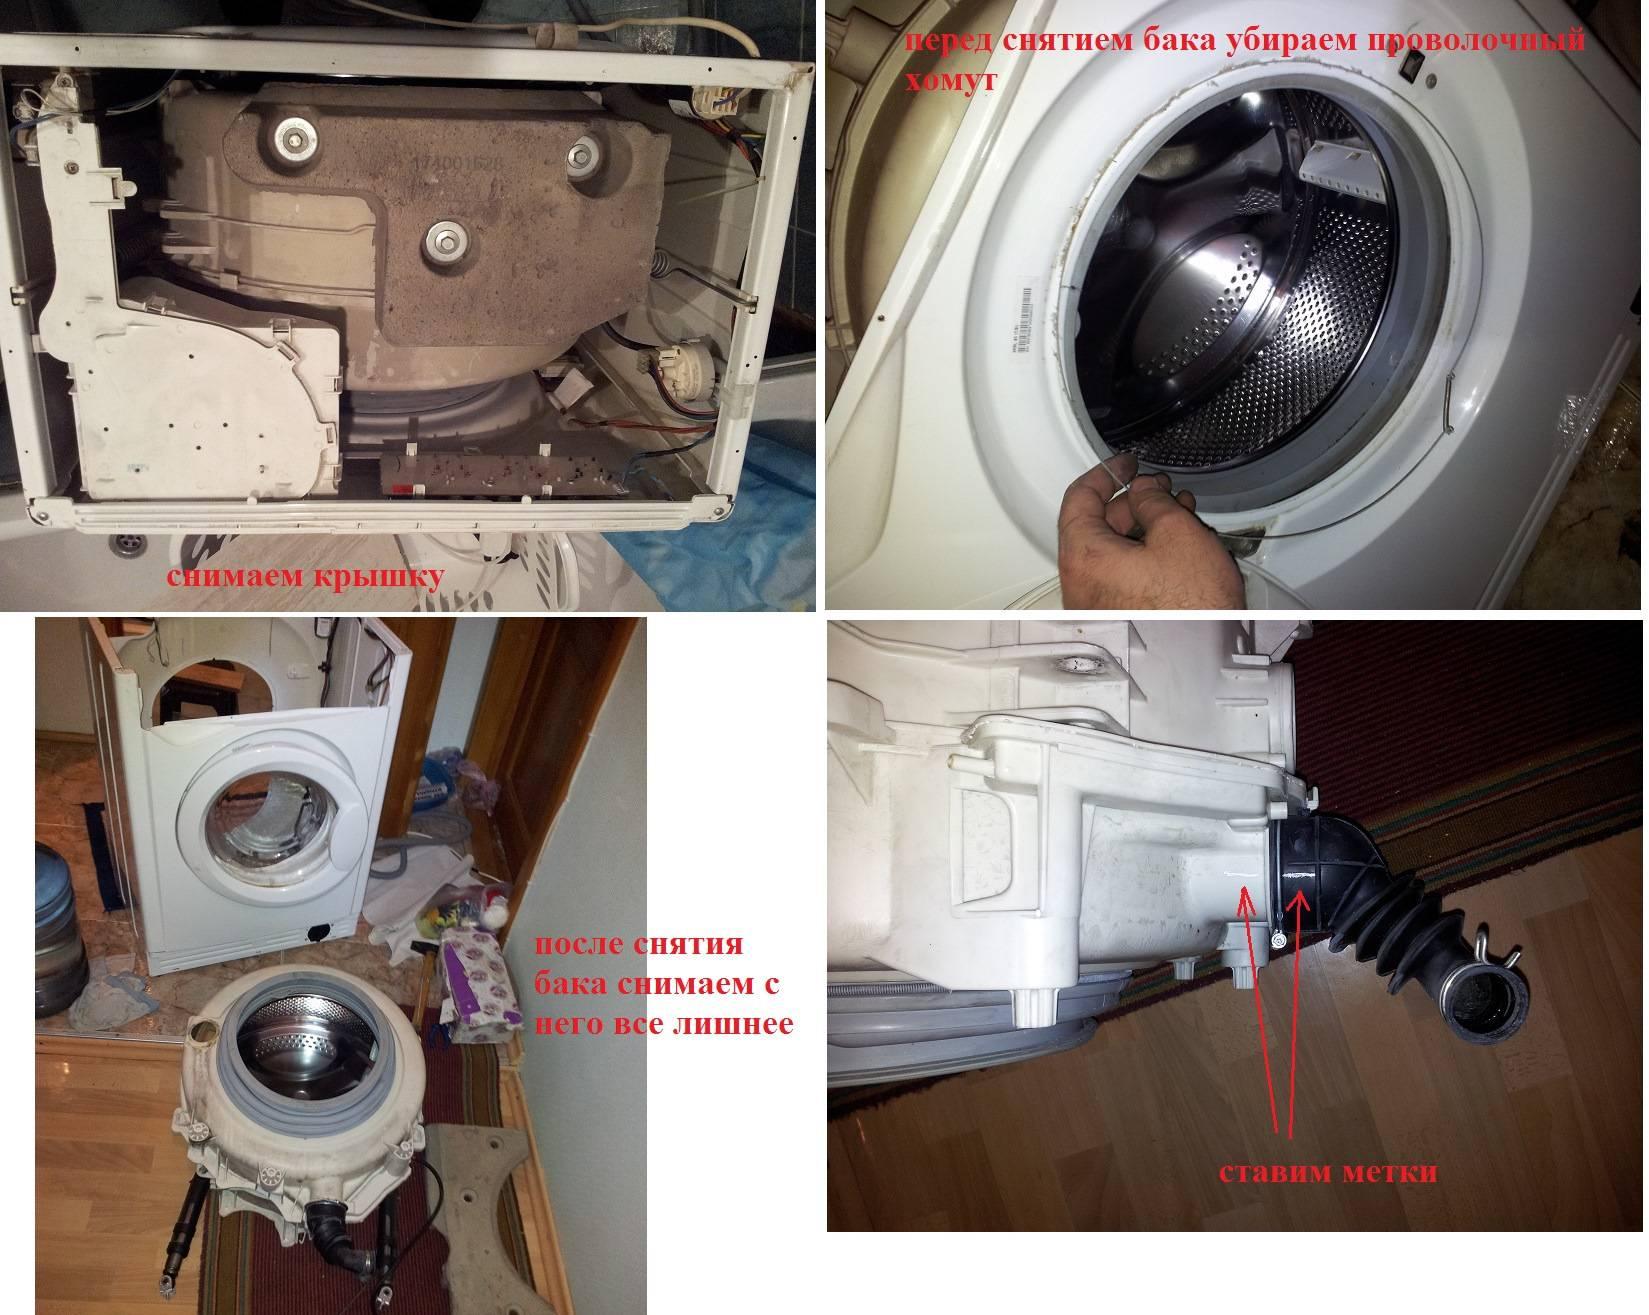 Замена подшипника на стиральной машине своими руками индезит